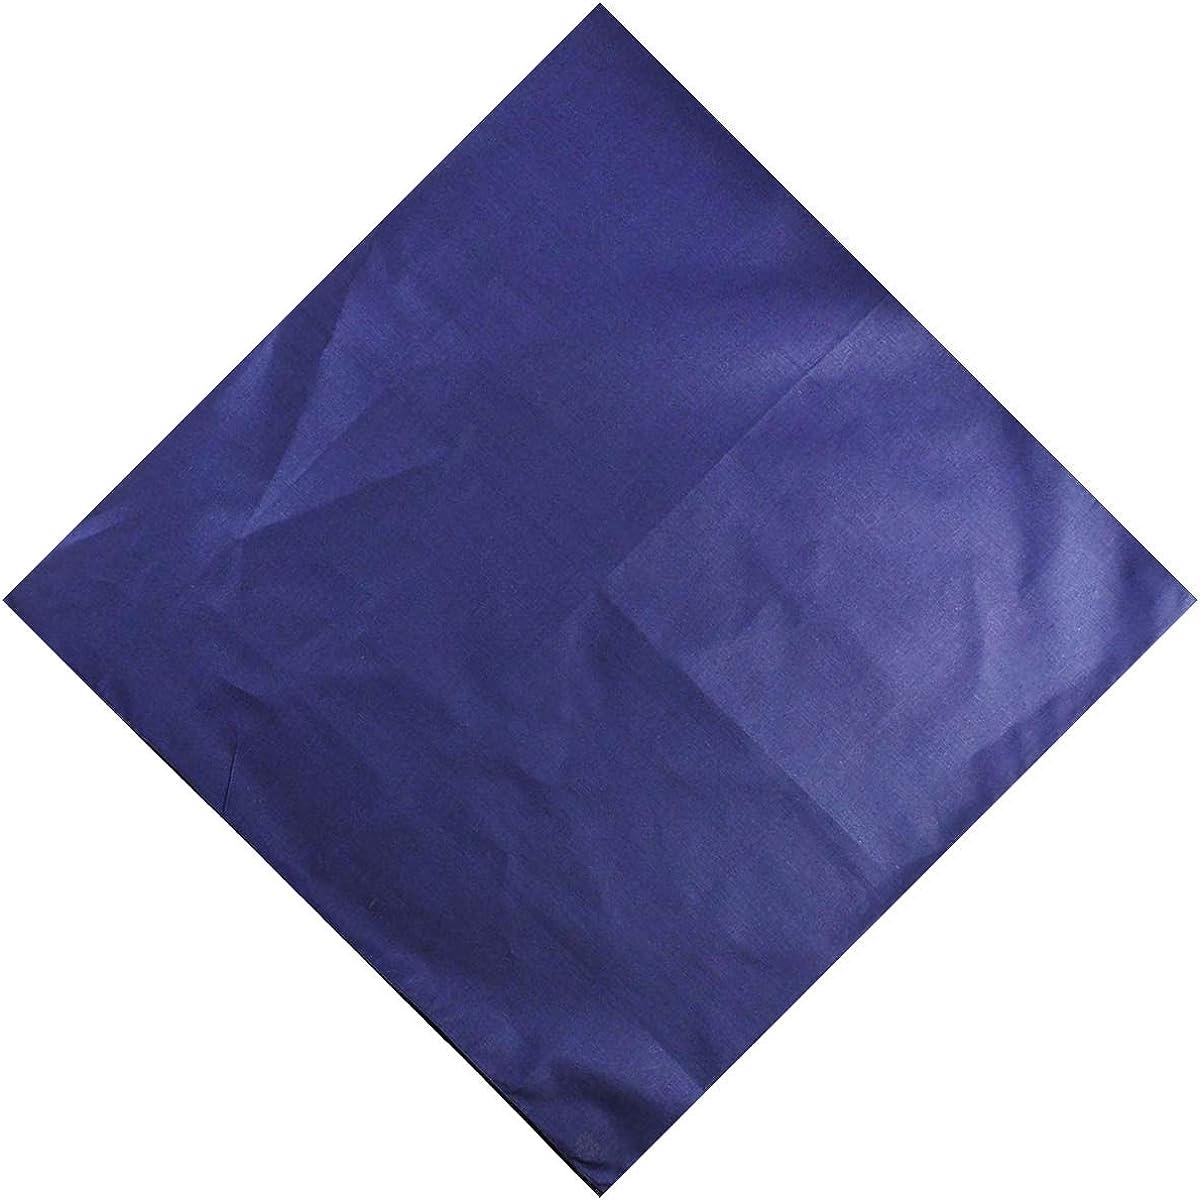 """Wristband 55 x 55cm Unisex Men Woman Plain Solid Colour 100/% Cotton Bandana Head Neck Wrist Handwrap Scarf 22/"""" x 22/"""""""